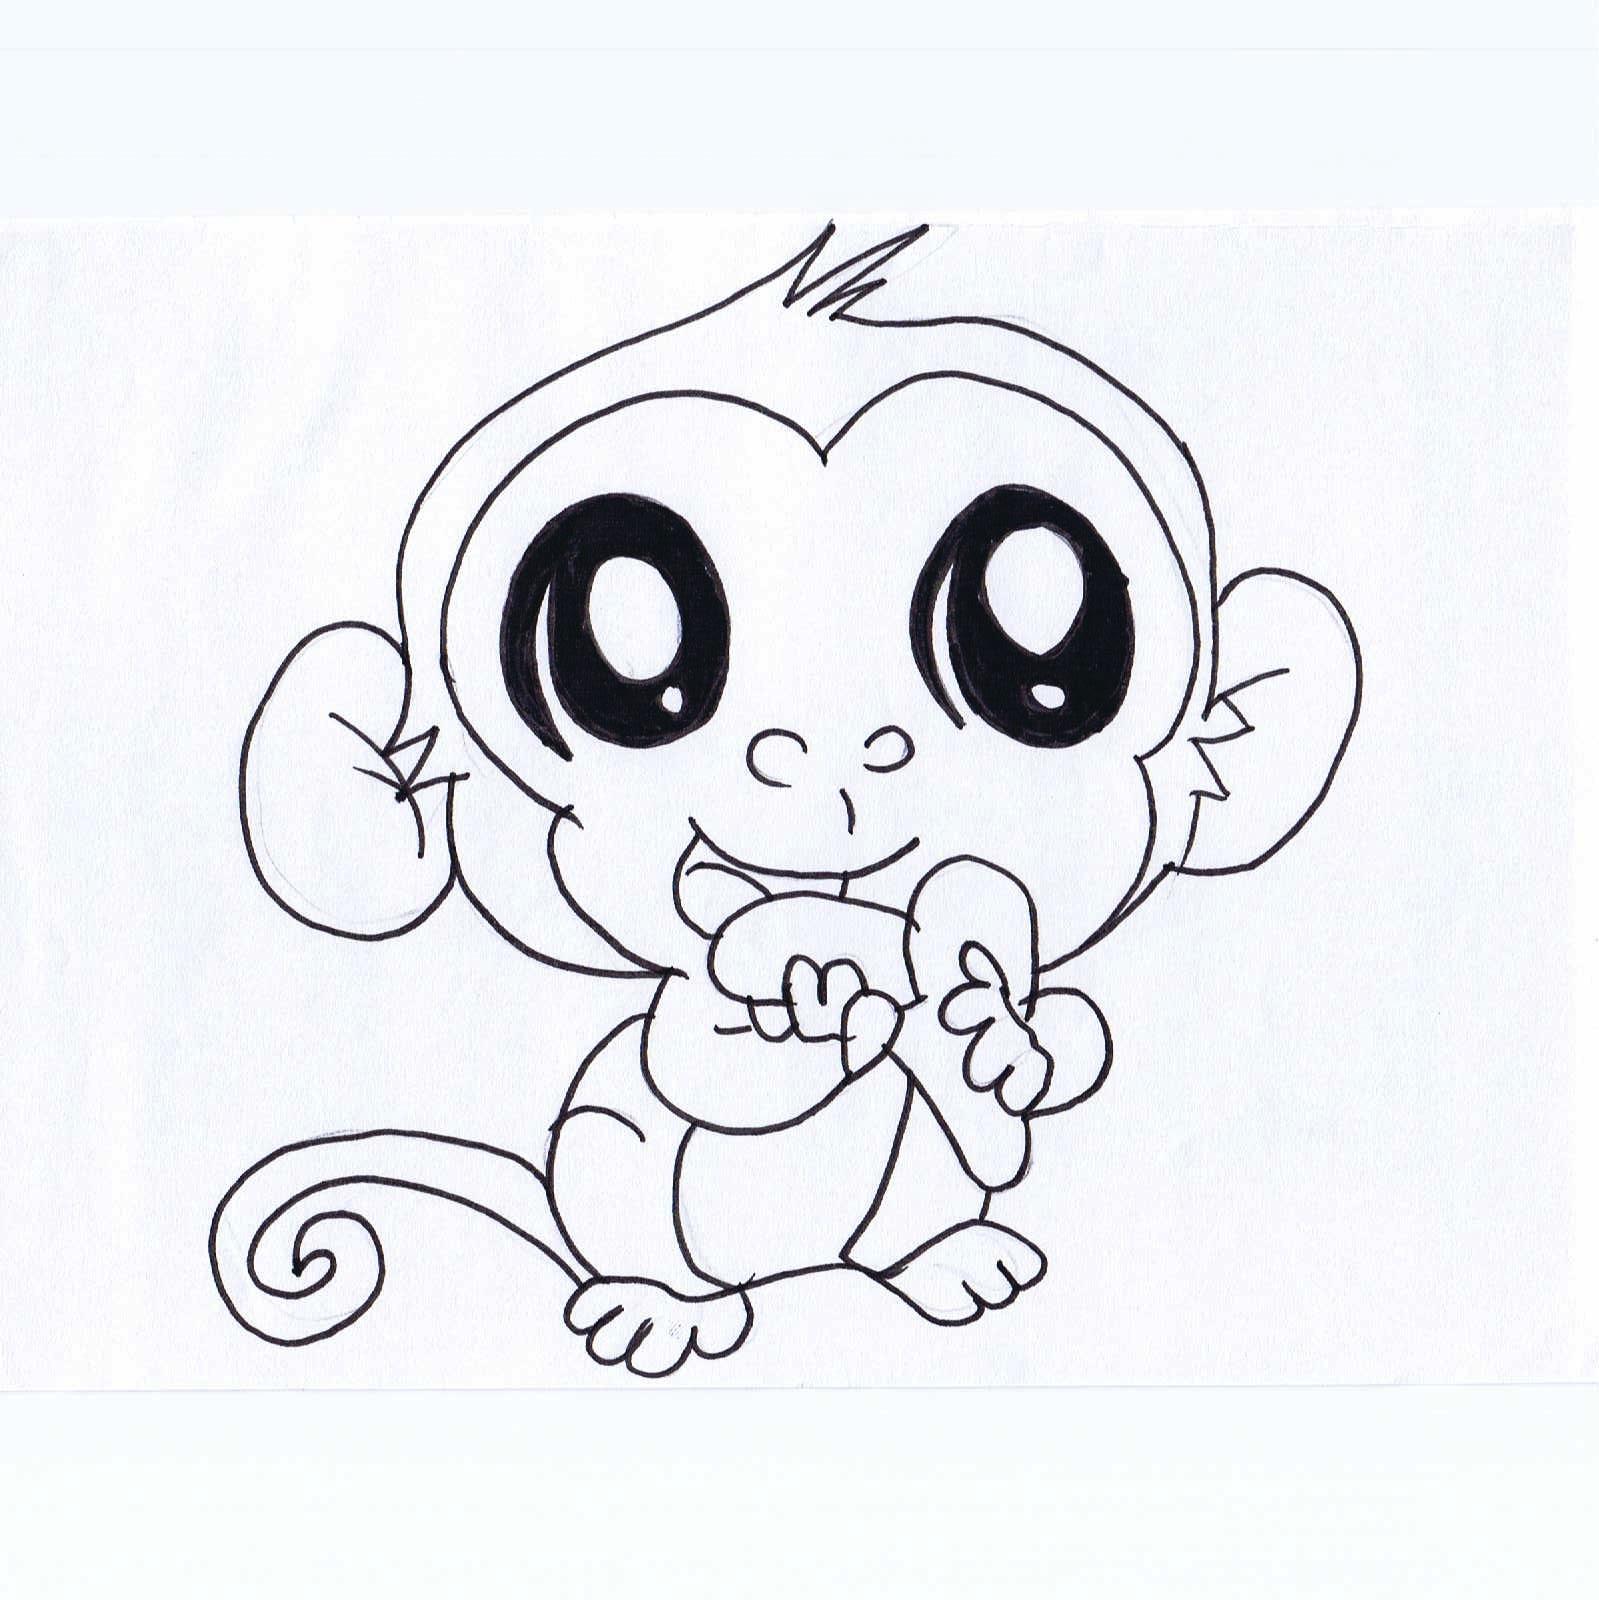 1599x1600 Drawing Cartoon Animals With Big Eyes Drawn Puppy Big Eye